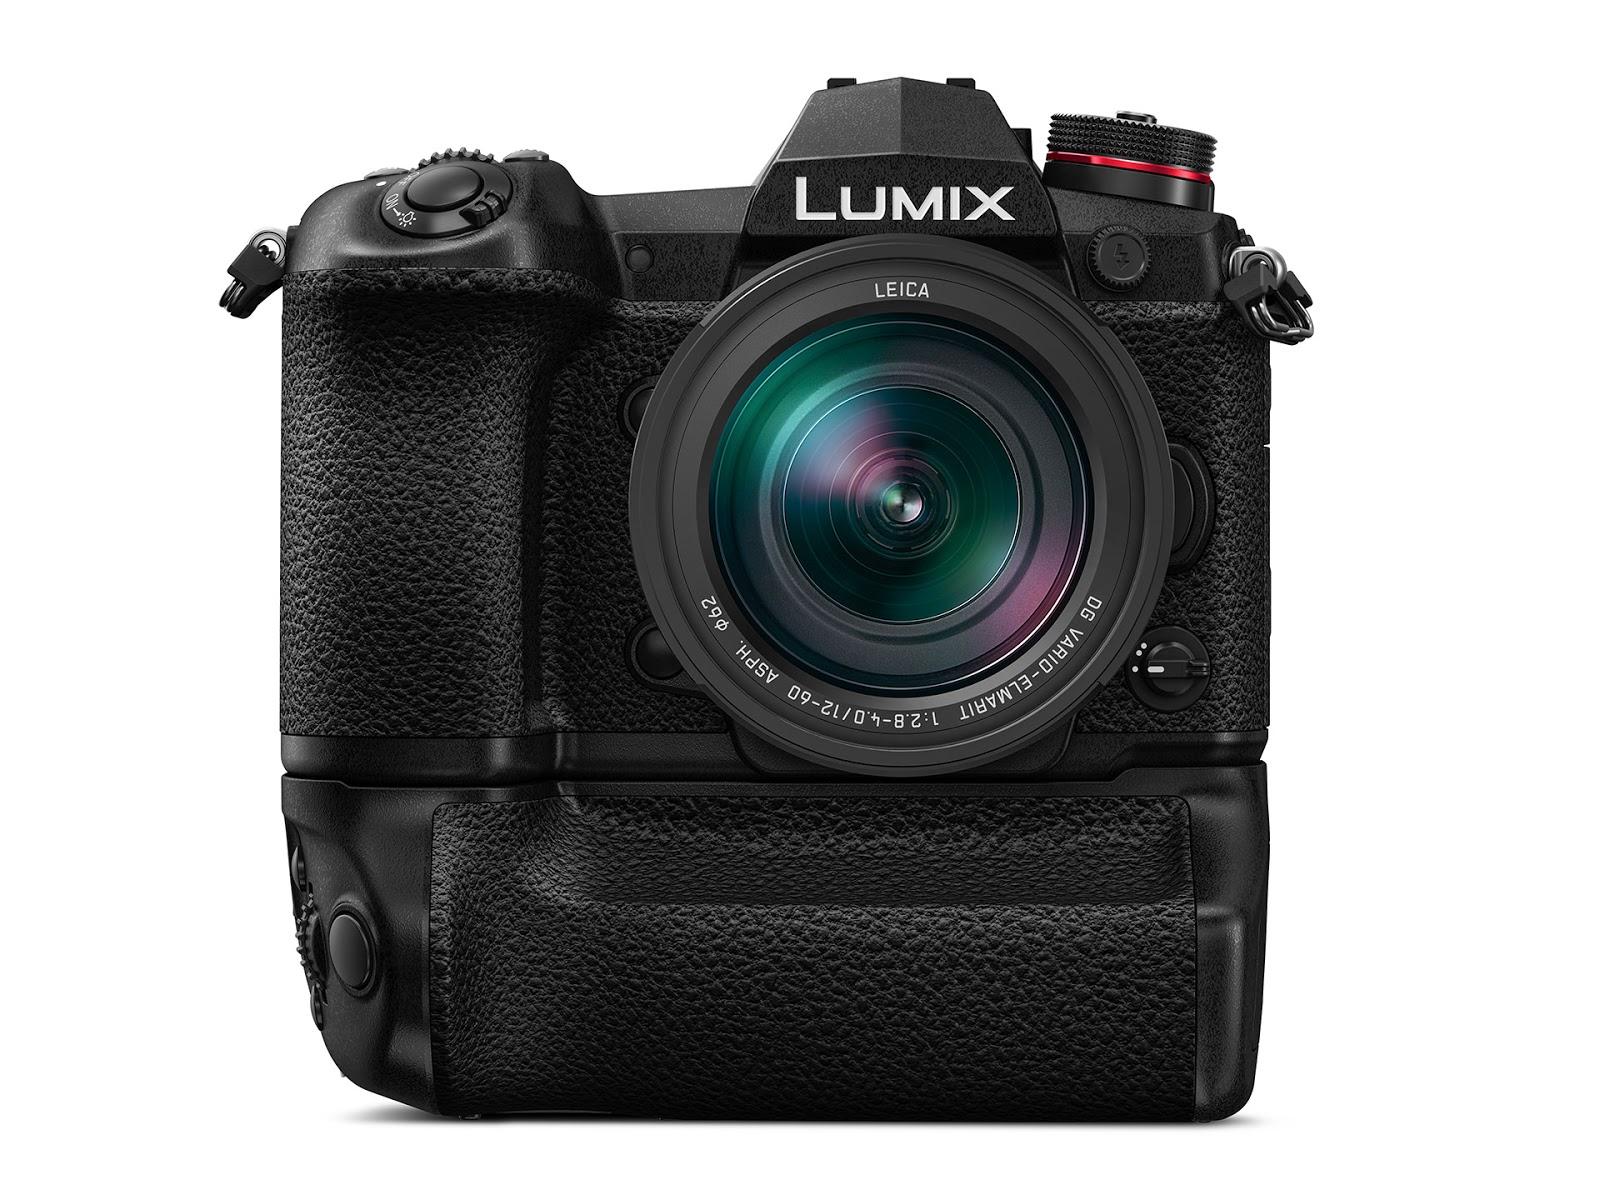 Камера Panasonic Lumix G9 с присоединенным батарейным блоком